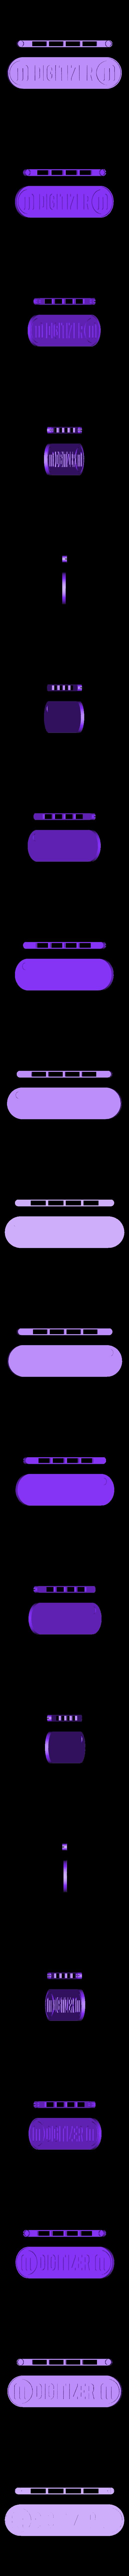 digitizer_back_plate.stl Télécharger fichier STL gratuit Plaque d'identification du dos du numériseur Makerbot • Modèle pour impression 3D, Not3dred